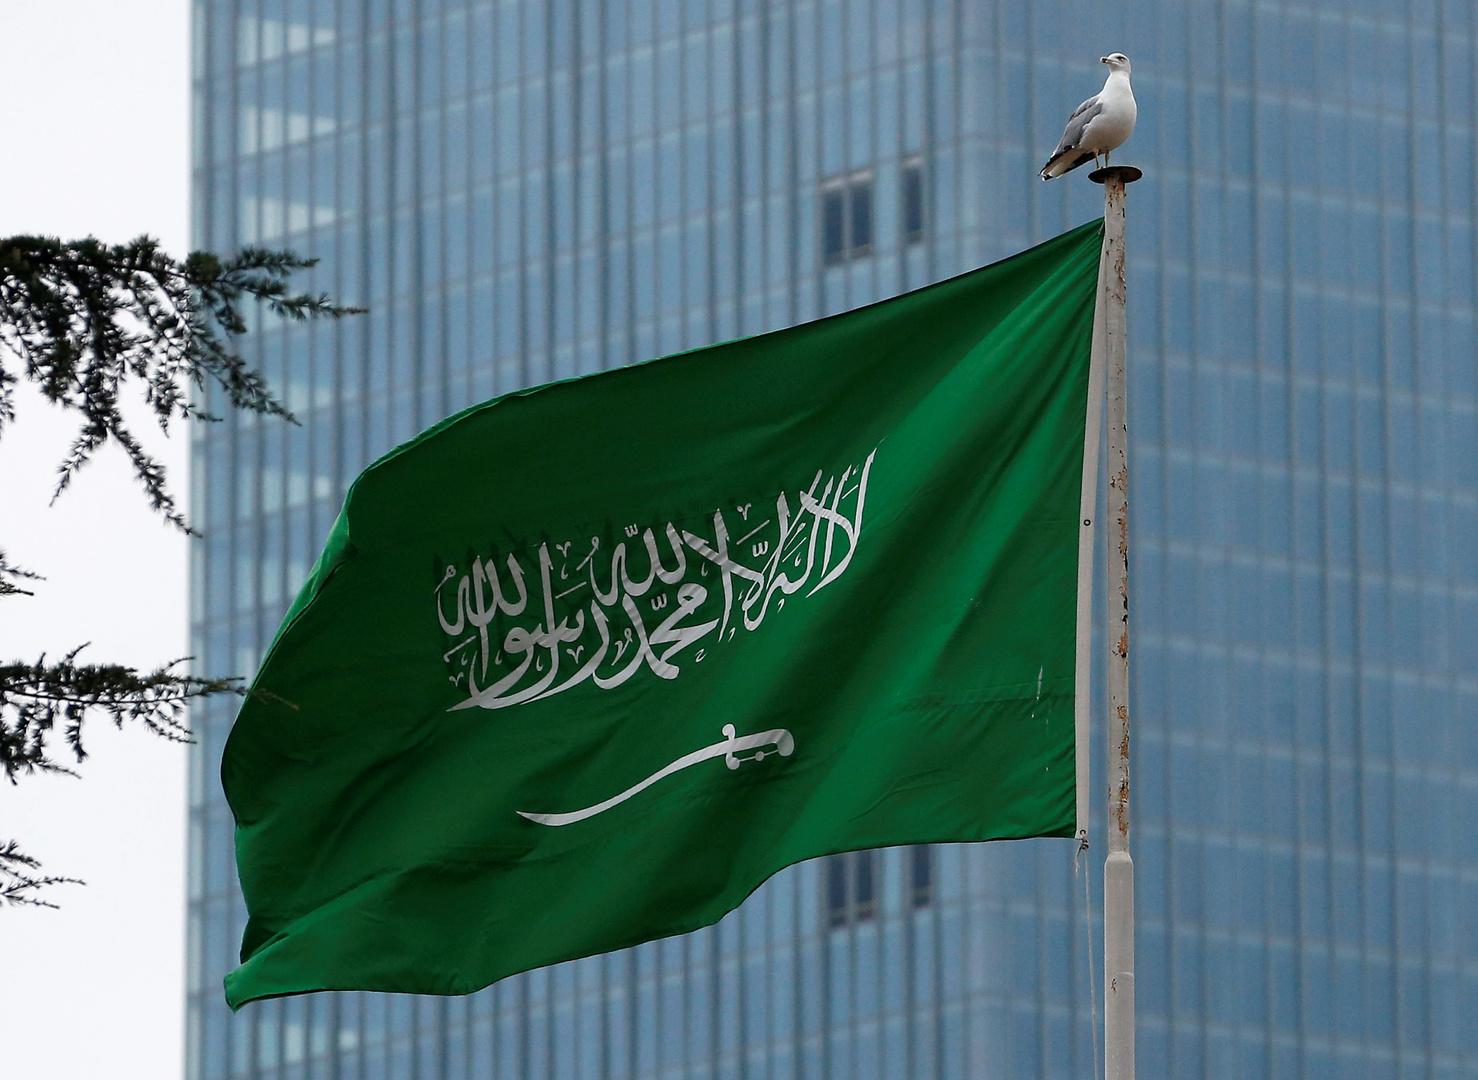 السعودية: نتوقع الحصول على لقاحي كورونا الروسي والصيني في 2021